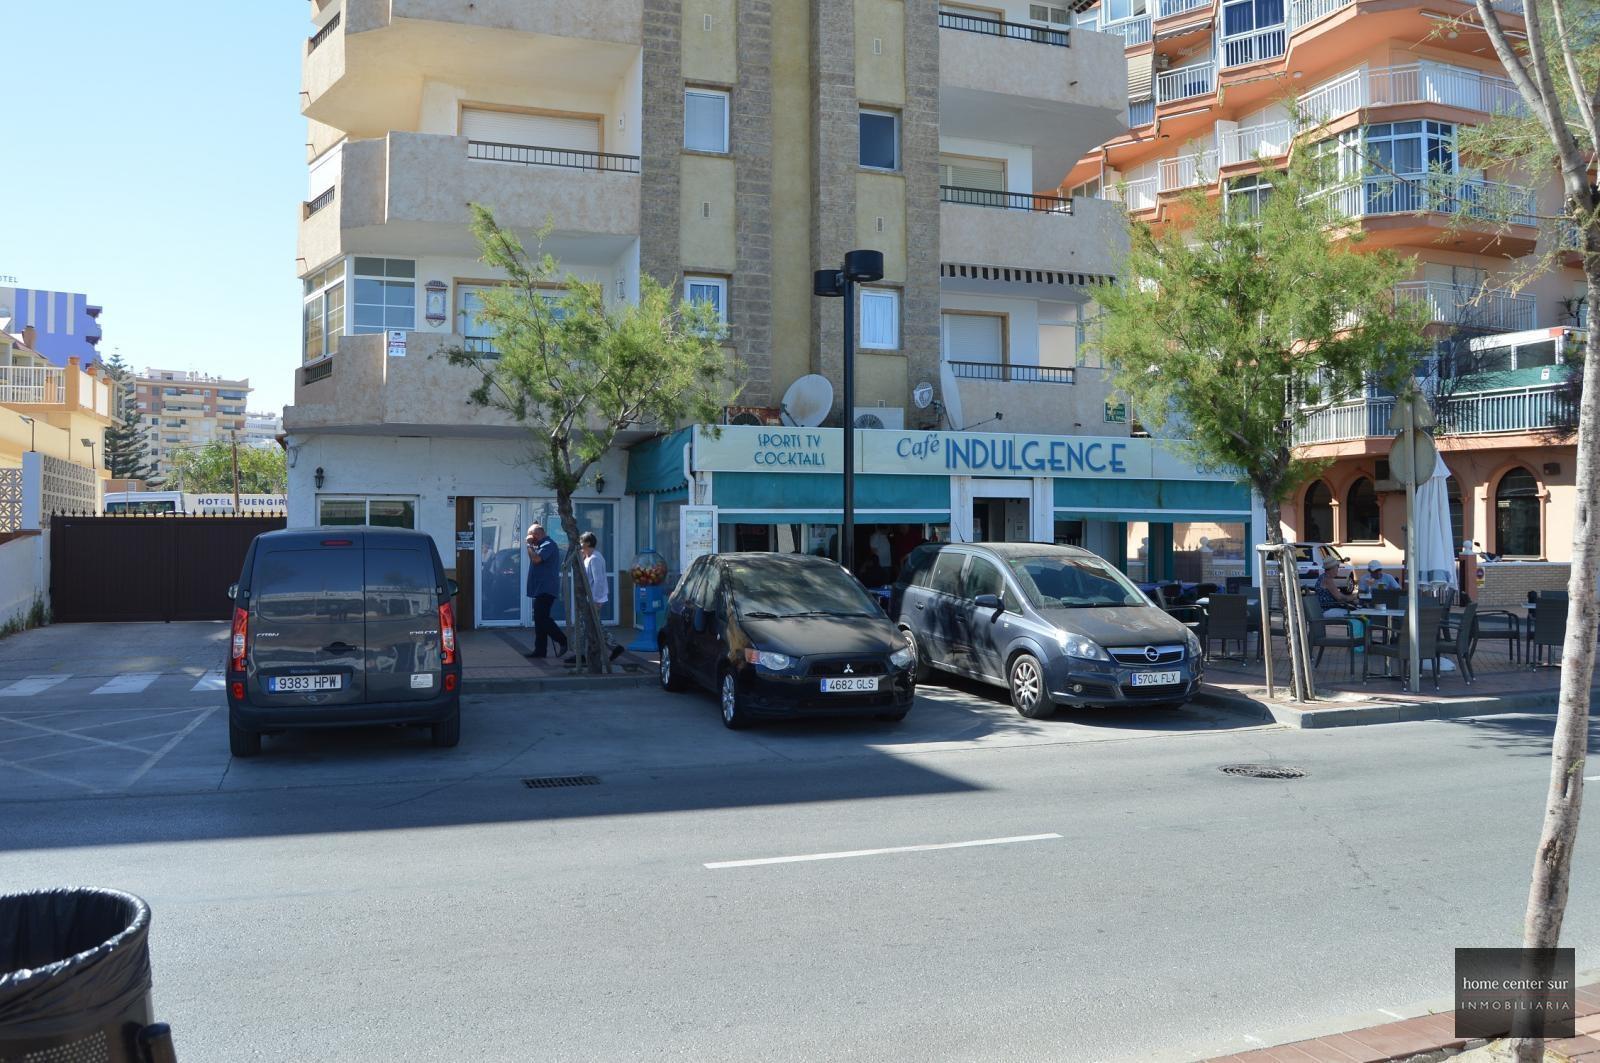 Local en venta en Paseo Marítimo Rey de España 107 (Fuengirola), 769.000 €